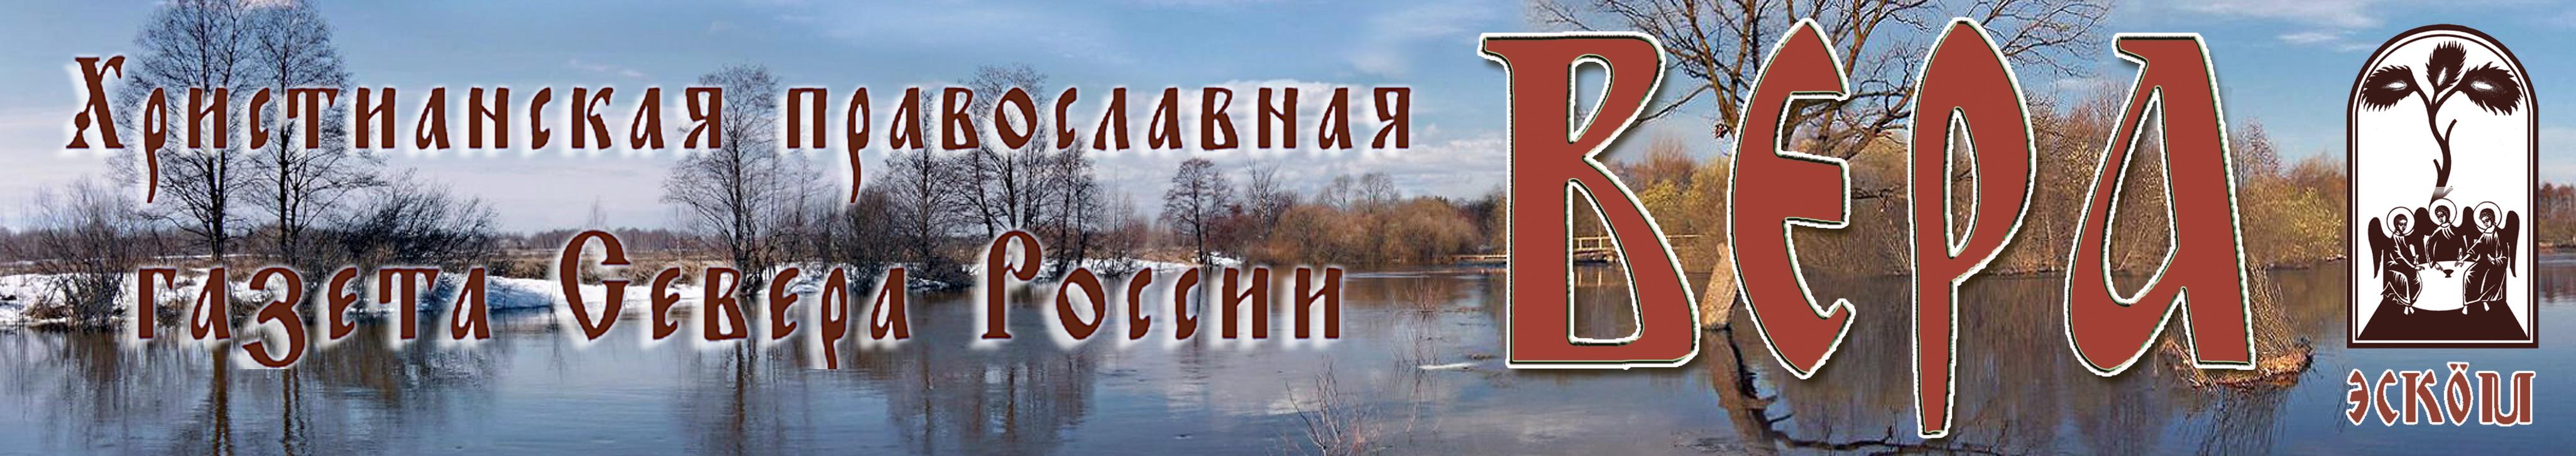 logo ezv